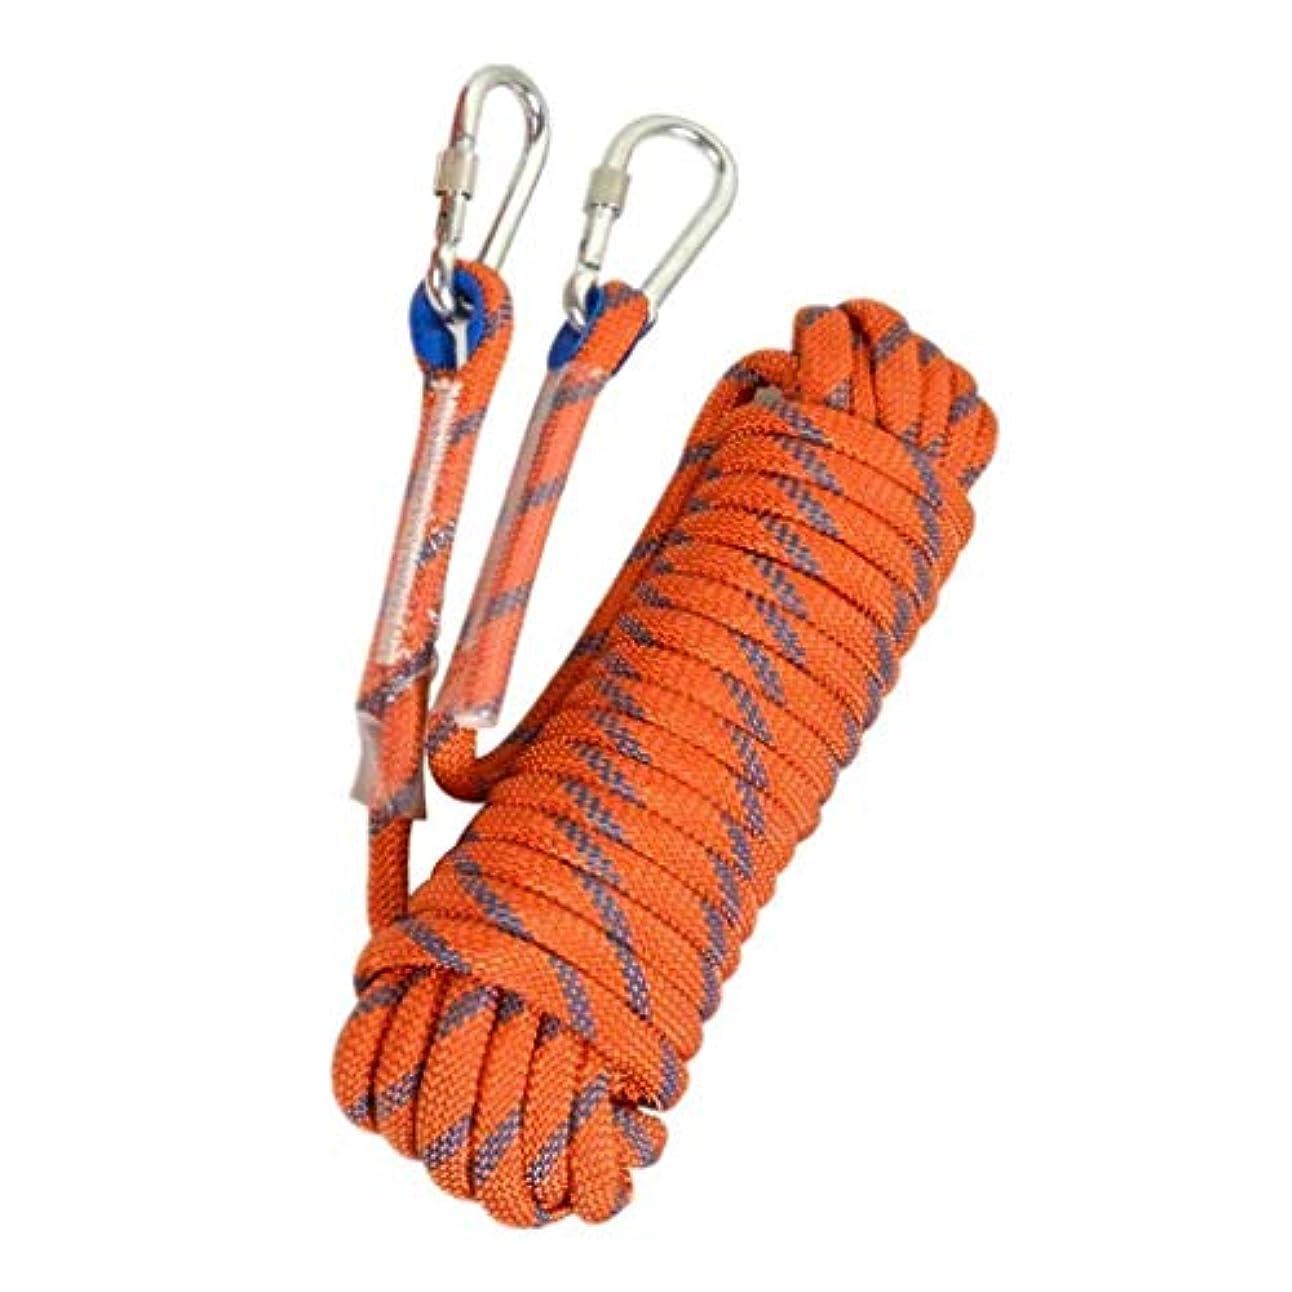 ロッククライミングロープメーター、屋外火災エスケープ救助パラシュート静的屋内ロープ、ヘビーデューティロープ、安全耐久性のある高品質